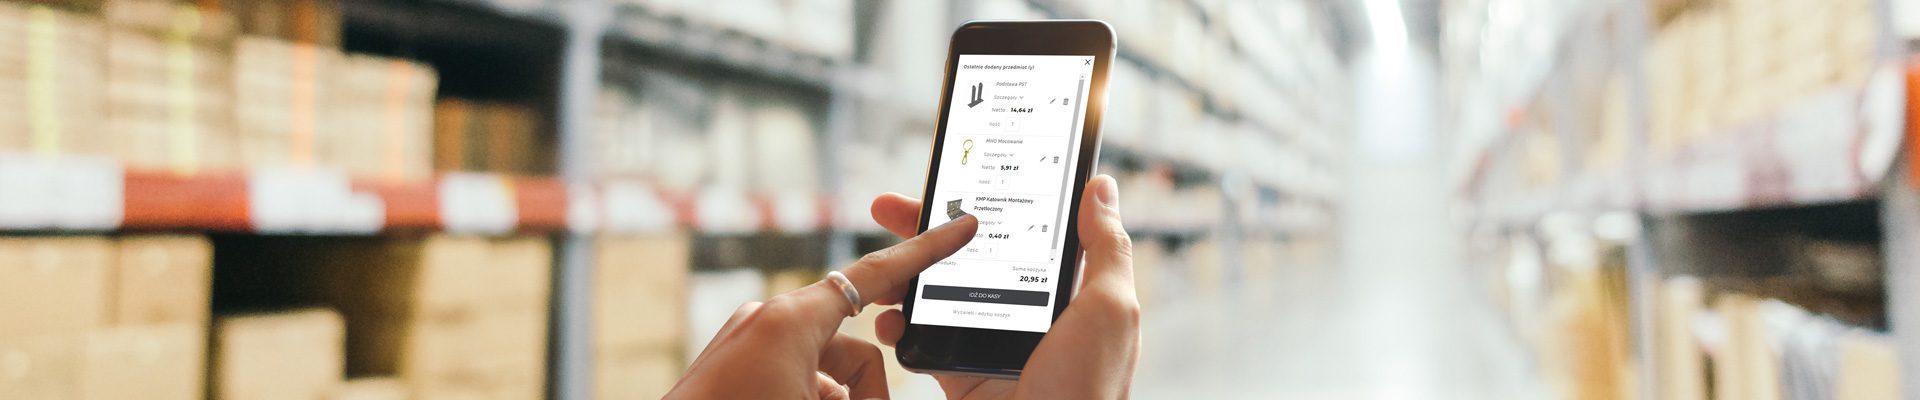 Jak powinien wyglądać dobry sklep internetowy?